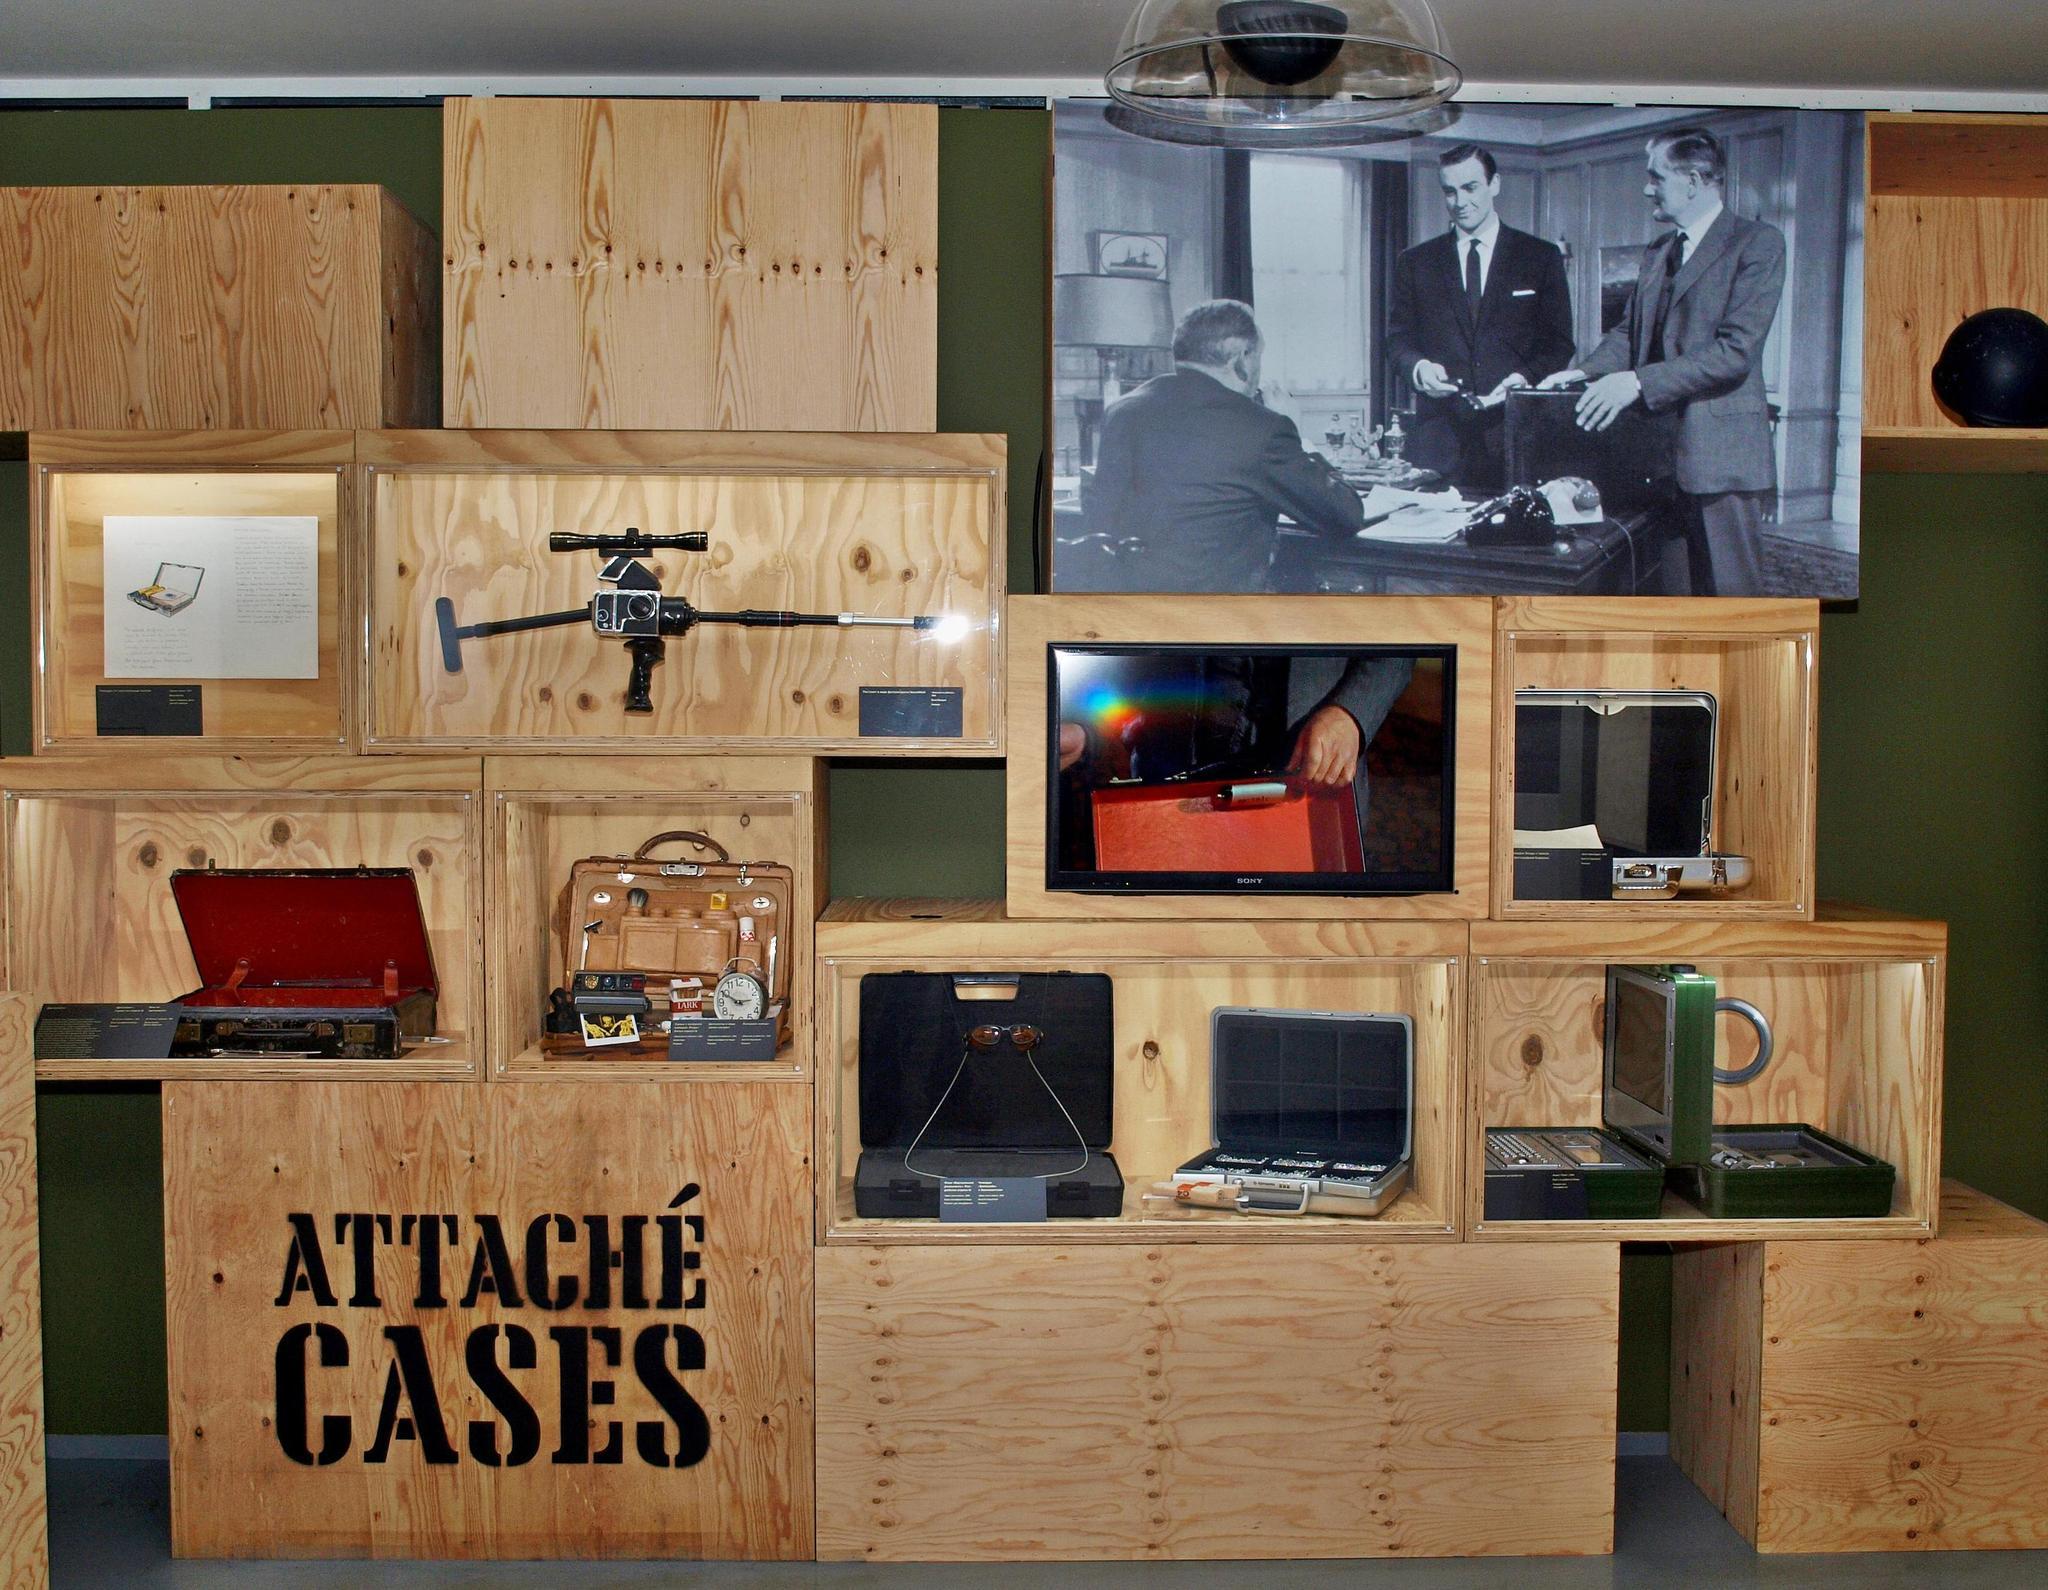 Ящики с оружием и спецоборудованием. Фотография Малец Михаила Георгиевича